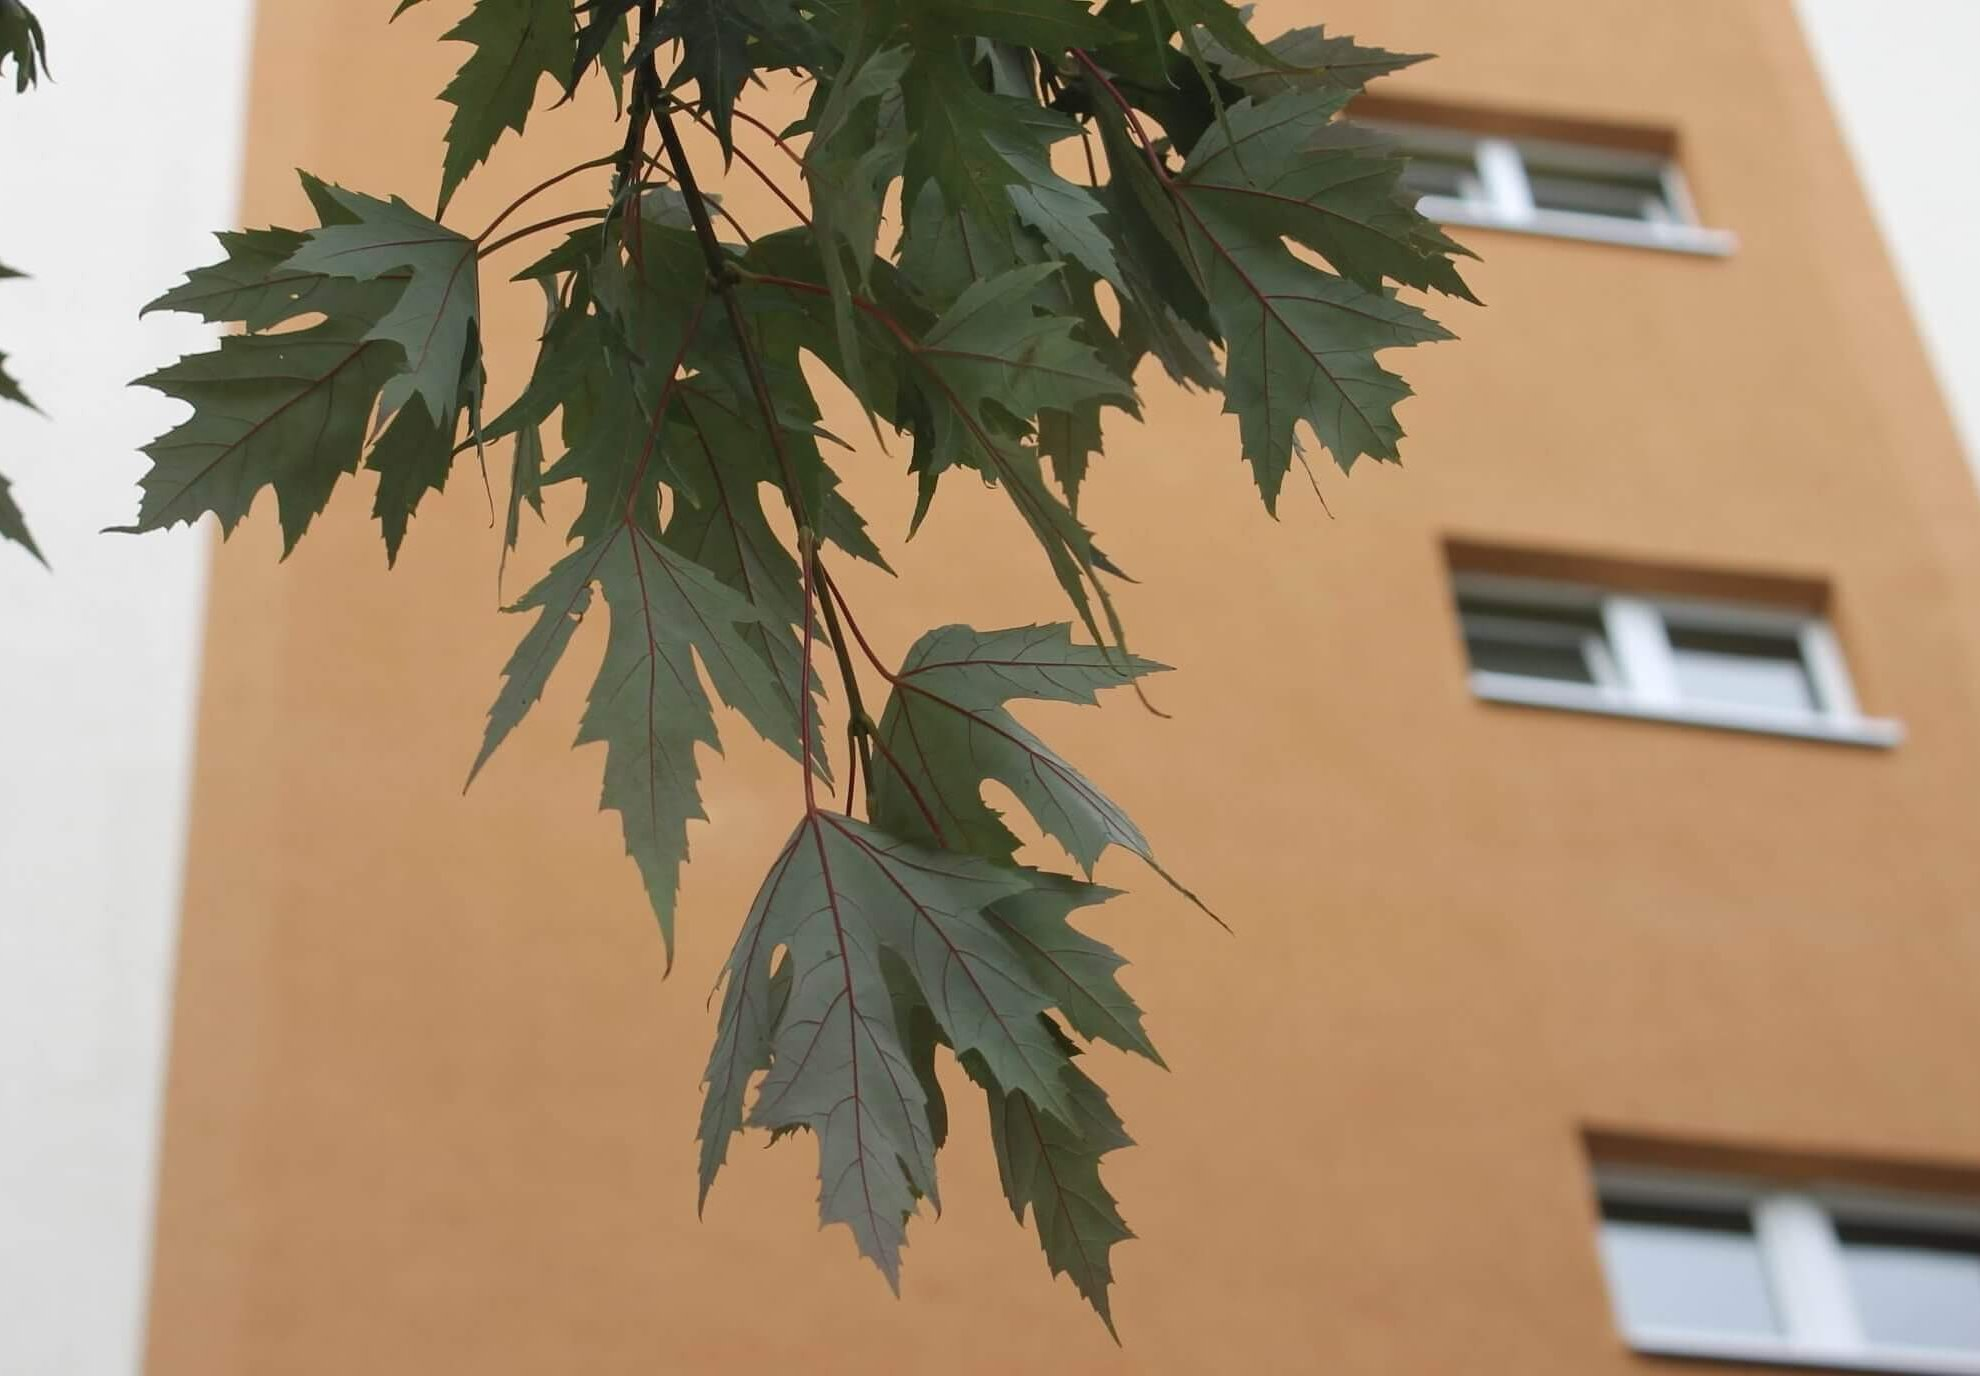 Das Bild zeigt die grau-weißen Blatt-Unterseiten der geschlitzten Blätter eines Silber-Ahorns im Kosmosviertel.